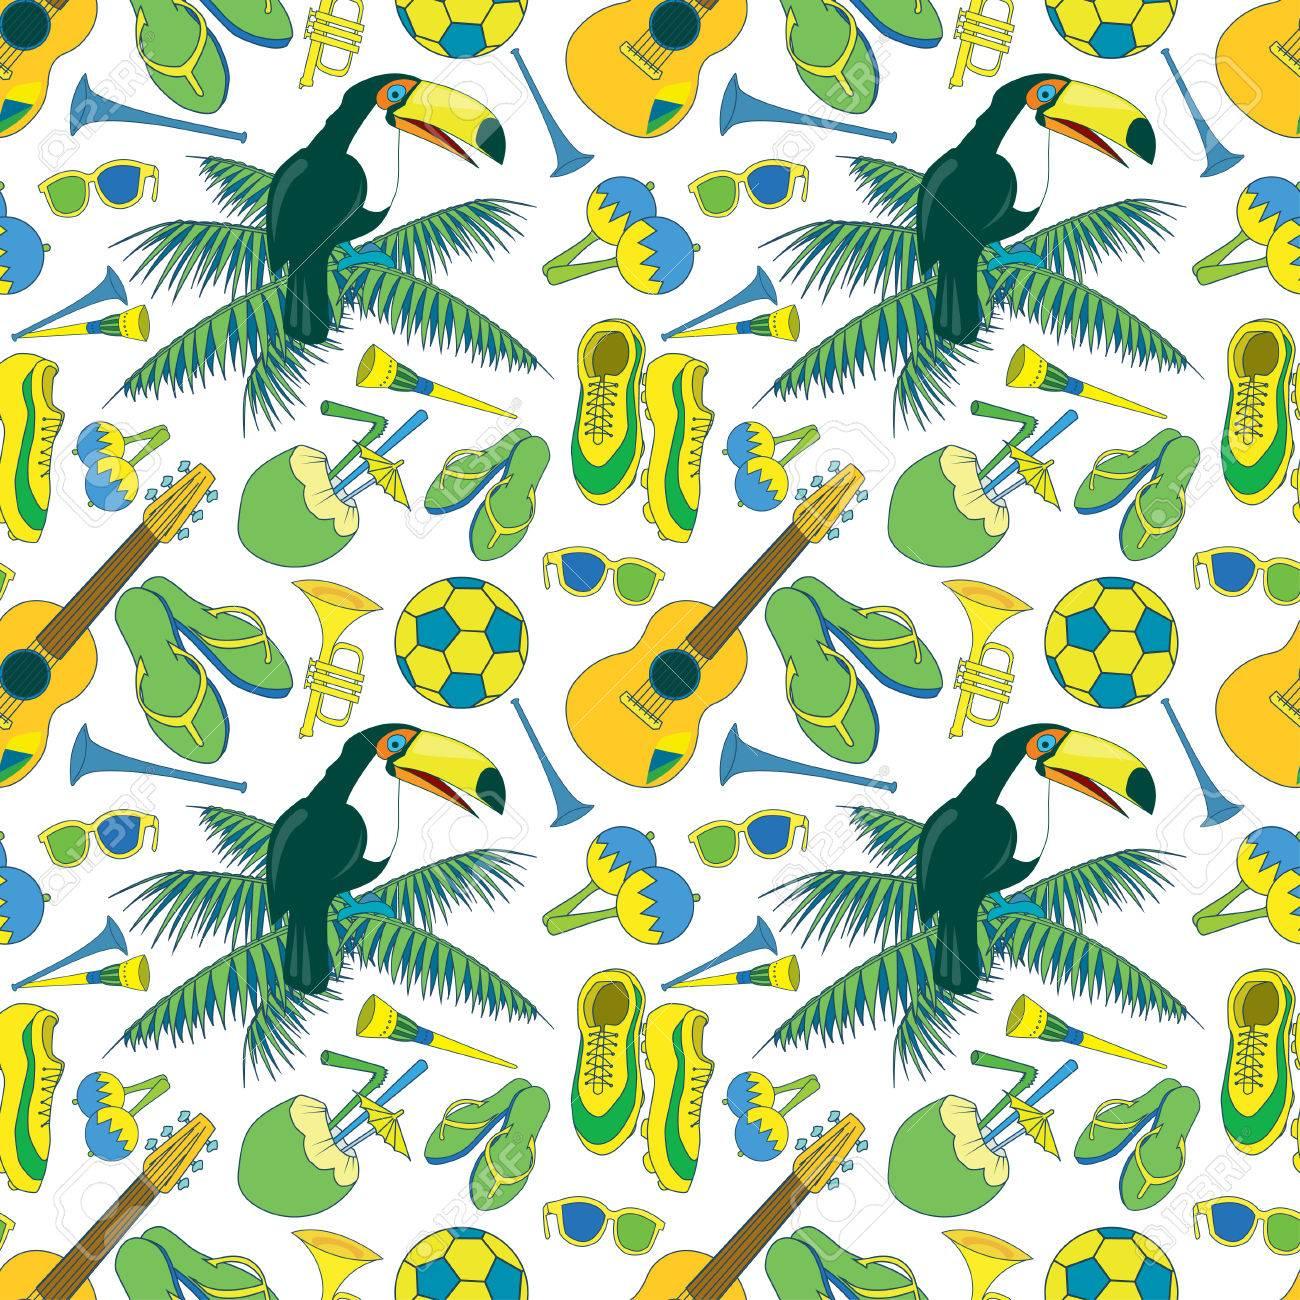 71719913-seamless-pattern-with-brazilian